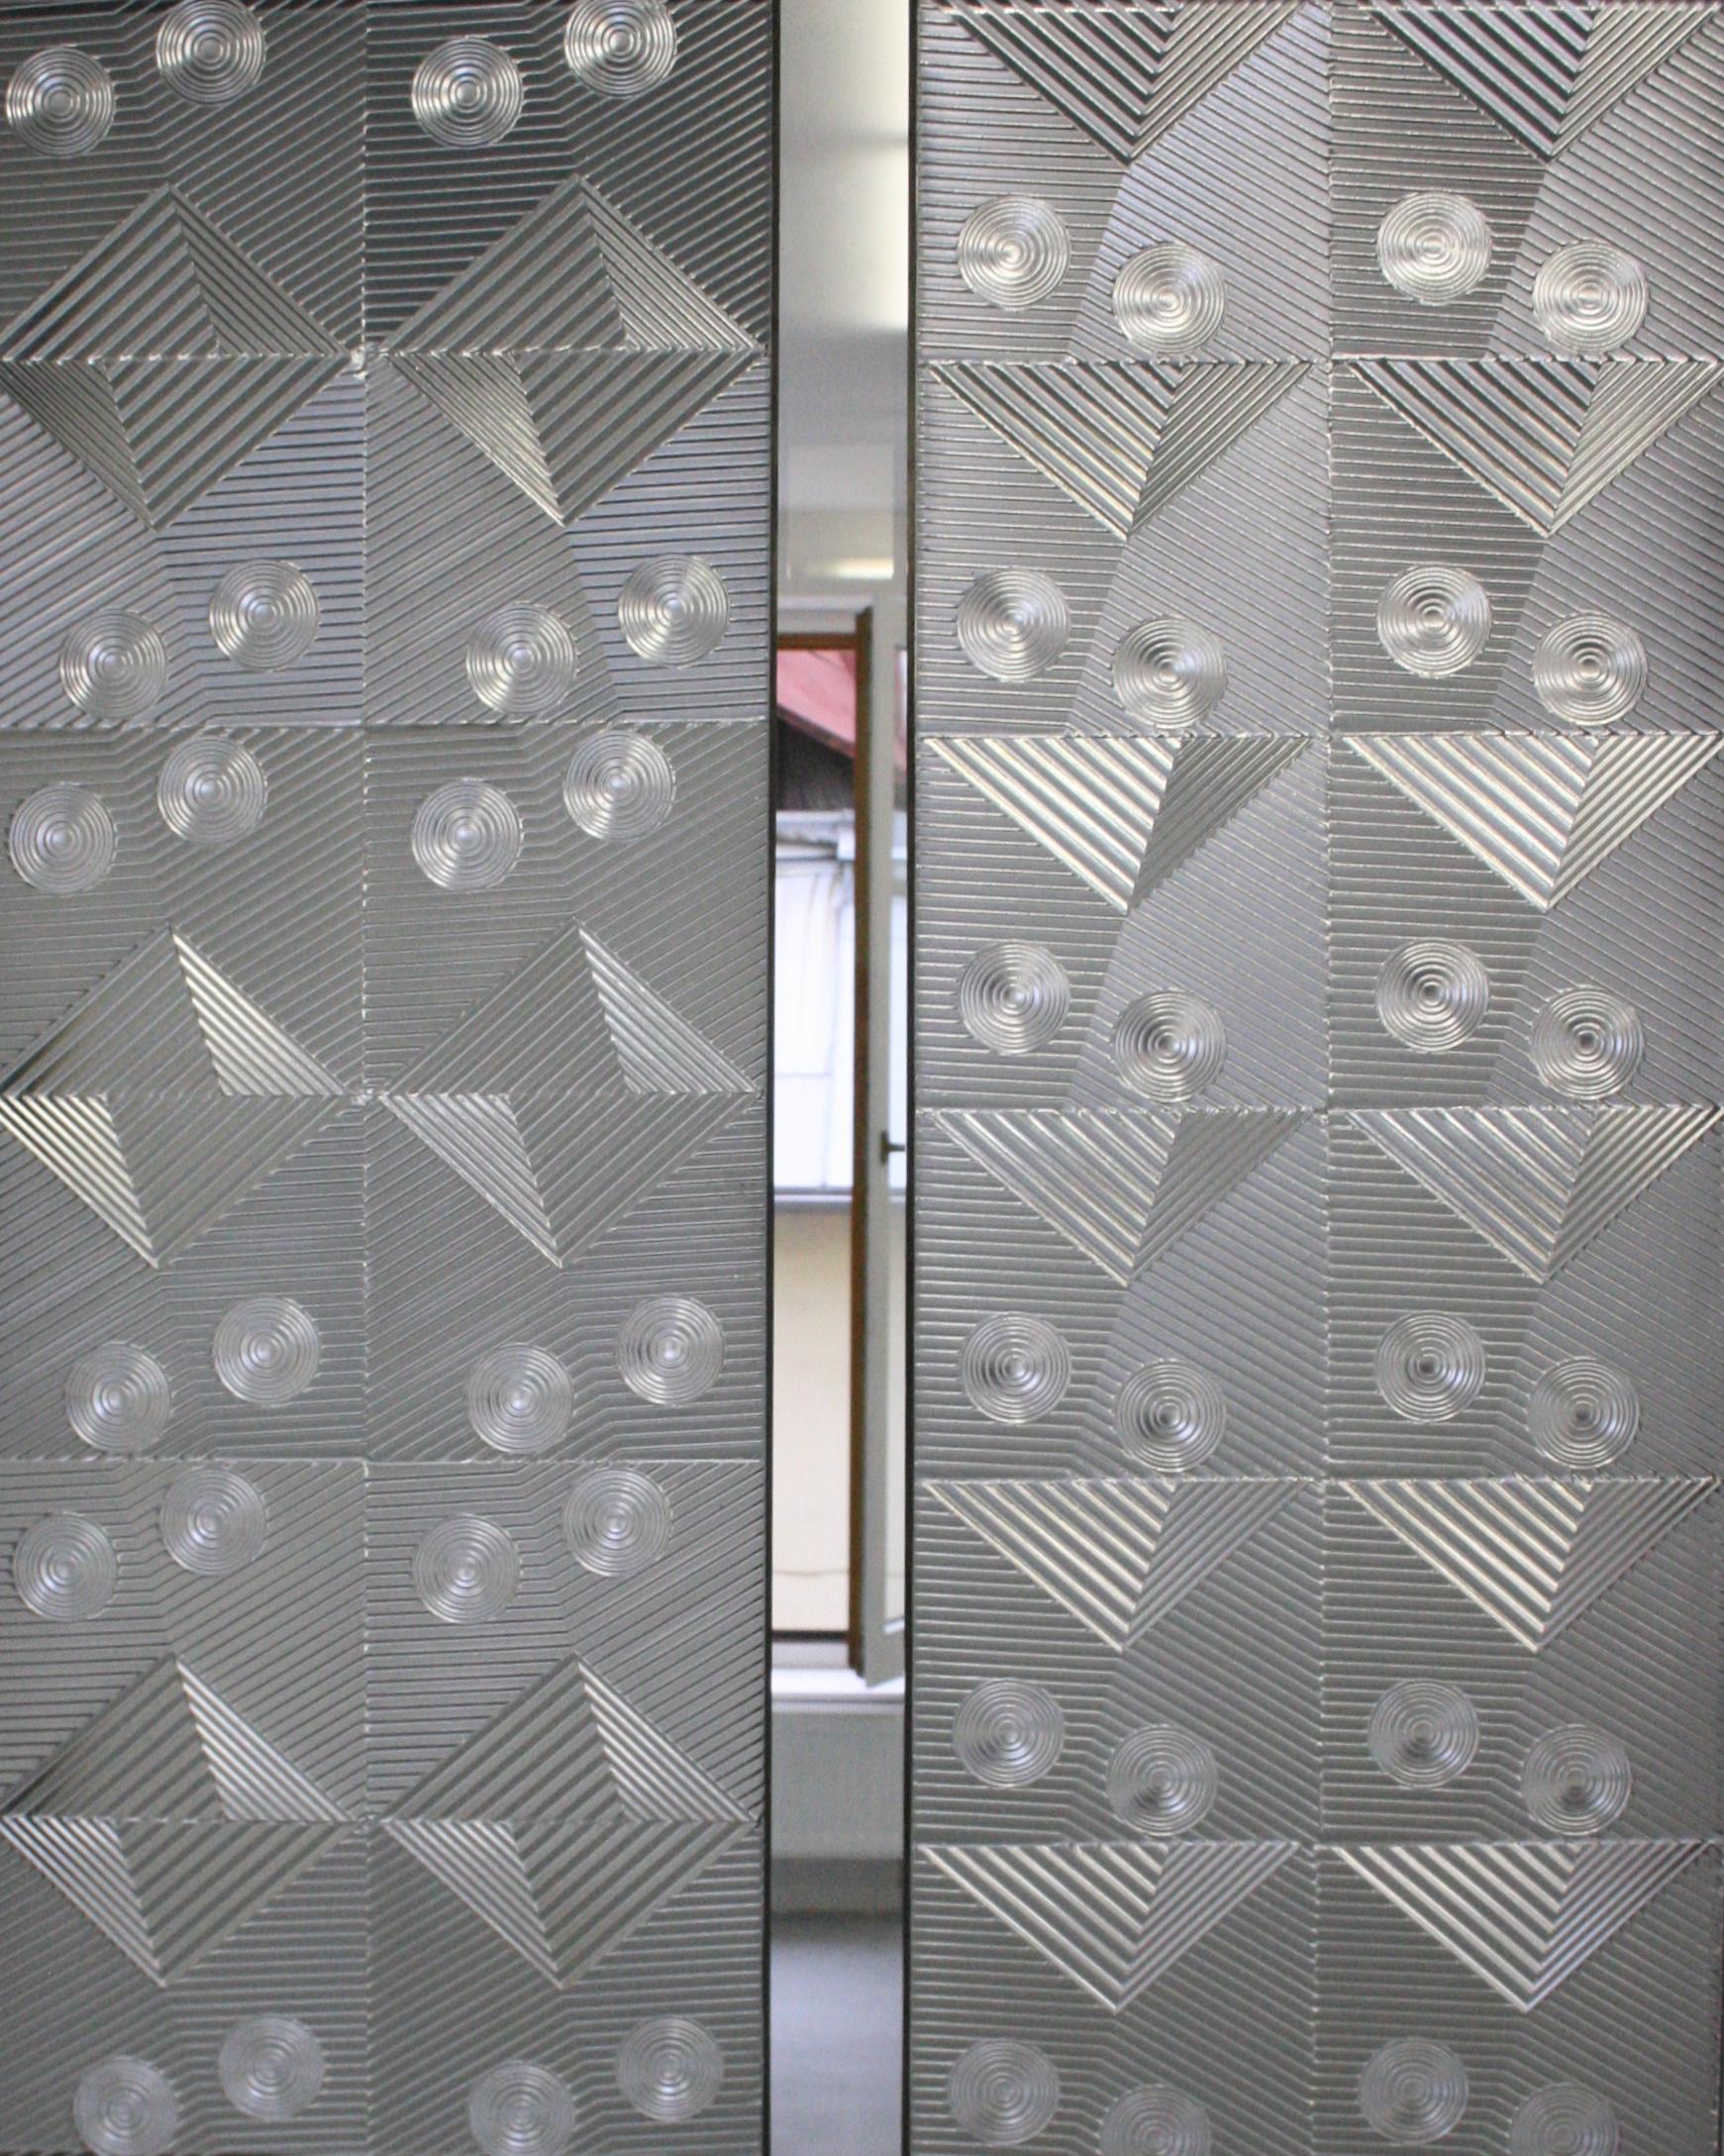 Zdeněk Lhotský, Reliéf 5, 2015, sklo, 29 x 79 cm  Zdeněk Lhotský, Reliéf 6, 2015, sklo, 30 x 79 cm